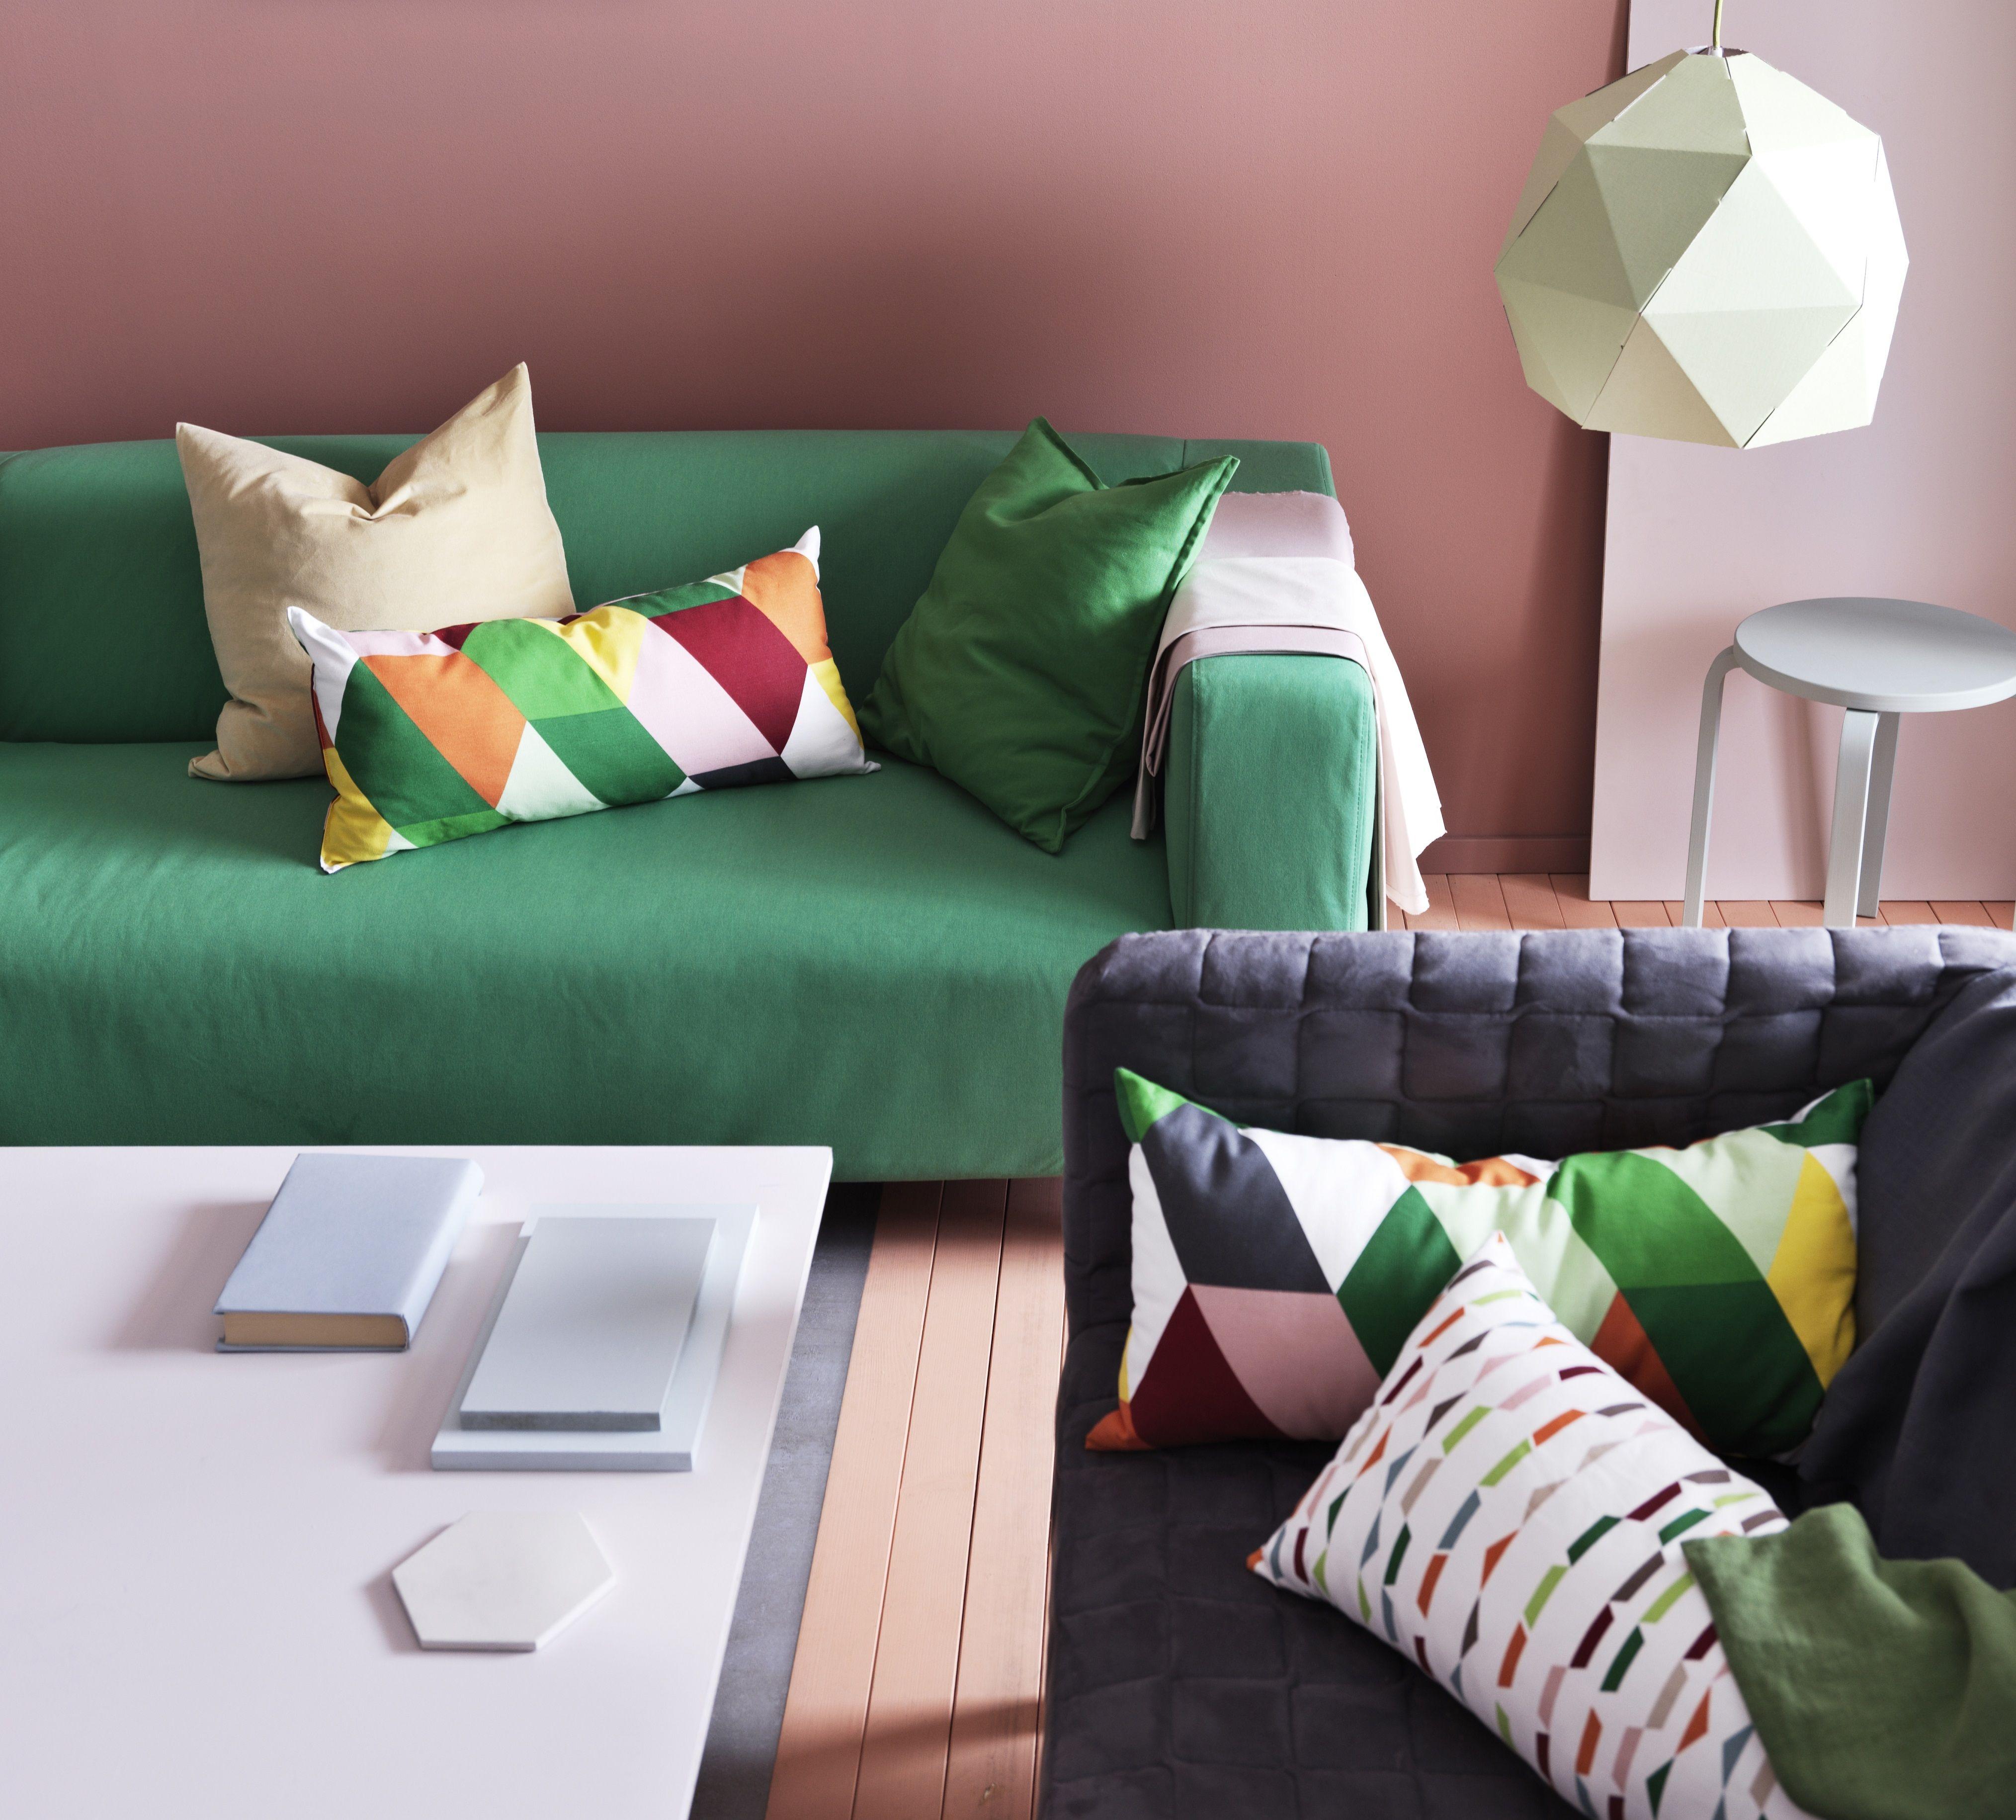 c20ad00fd6b54a34bee3beda5c06bd1a Luxe De Salon De Jardin Pas Cher Ikea Conception